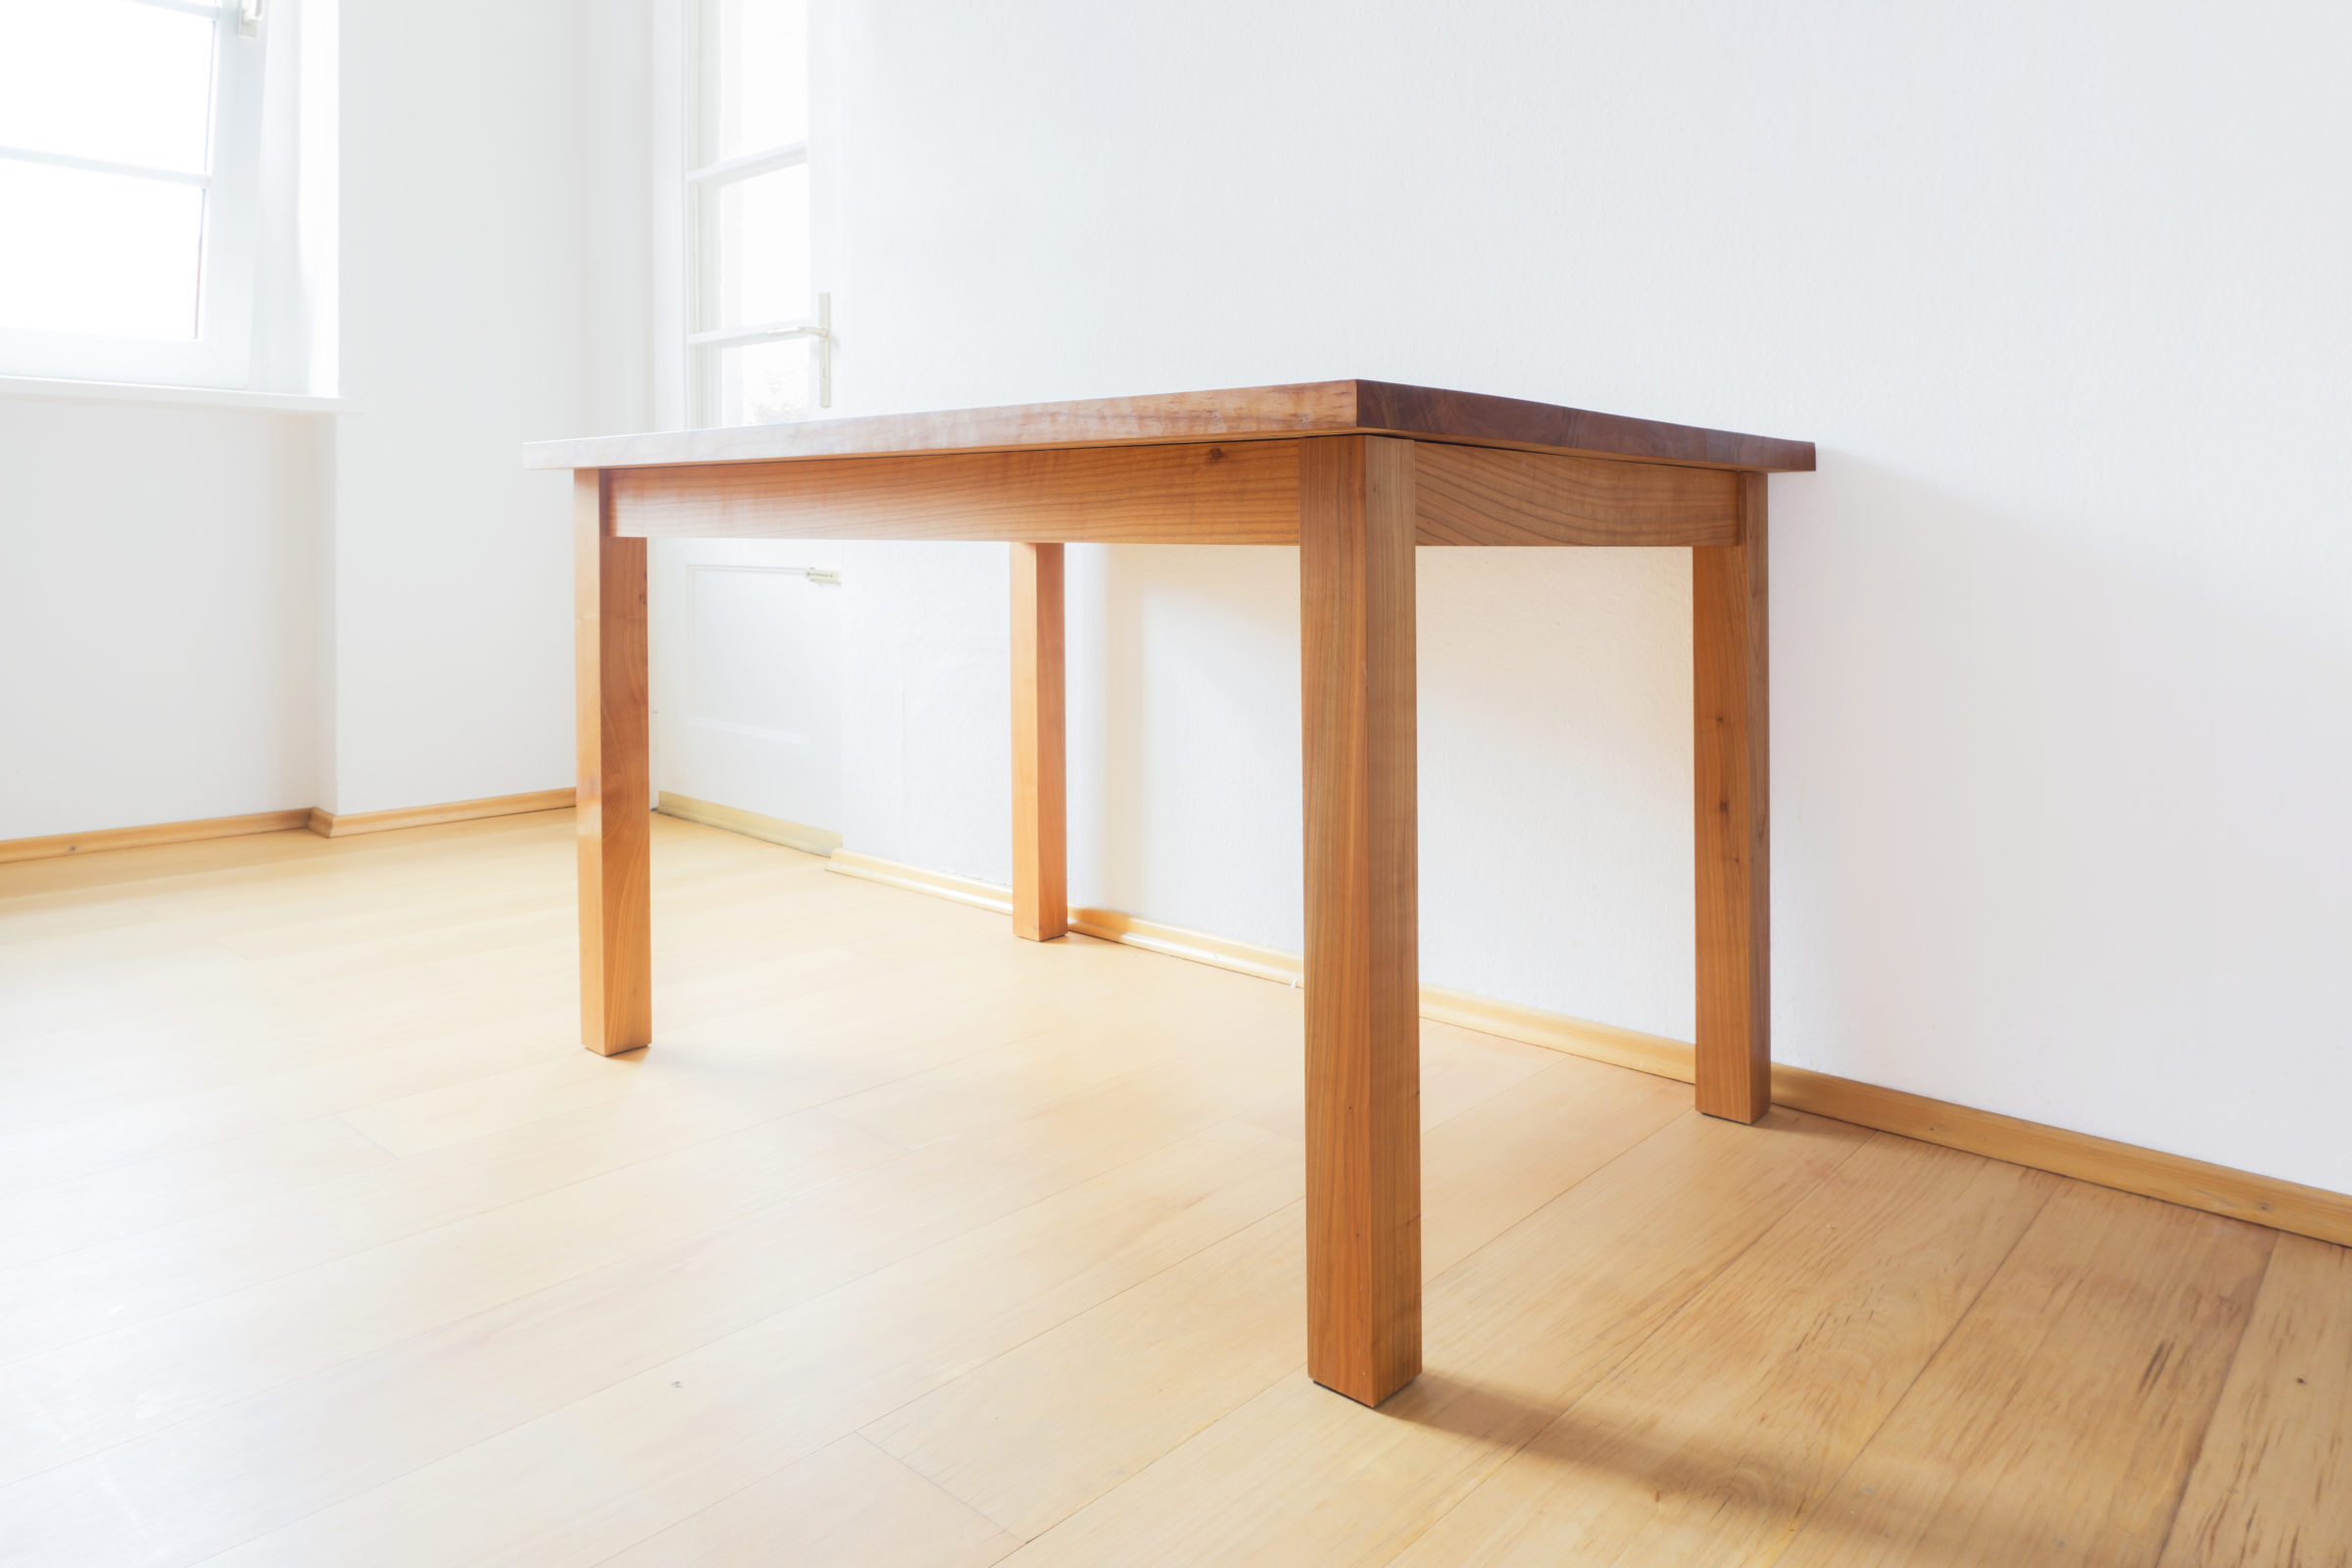 Tisch, Massivholzmöbel handgemacht, Hochwertige Möbel aus Massivholz, Holzoberflächen handgehobelt, Einzelmöbelstücke, The Trees of Life